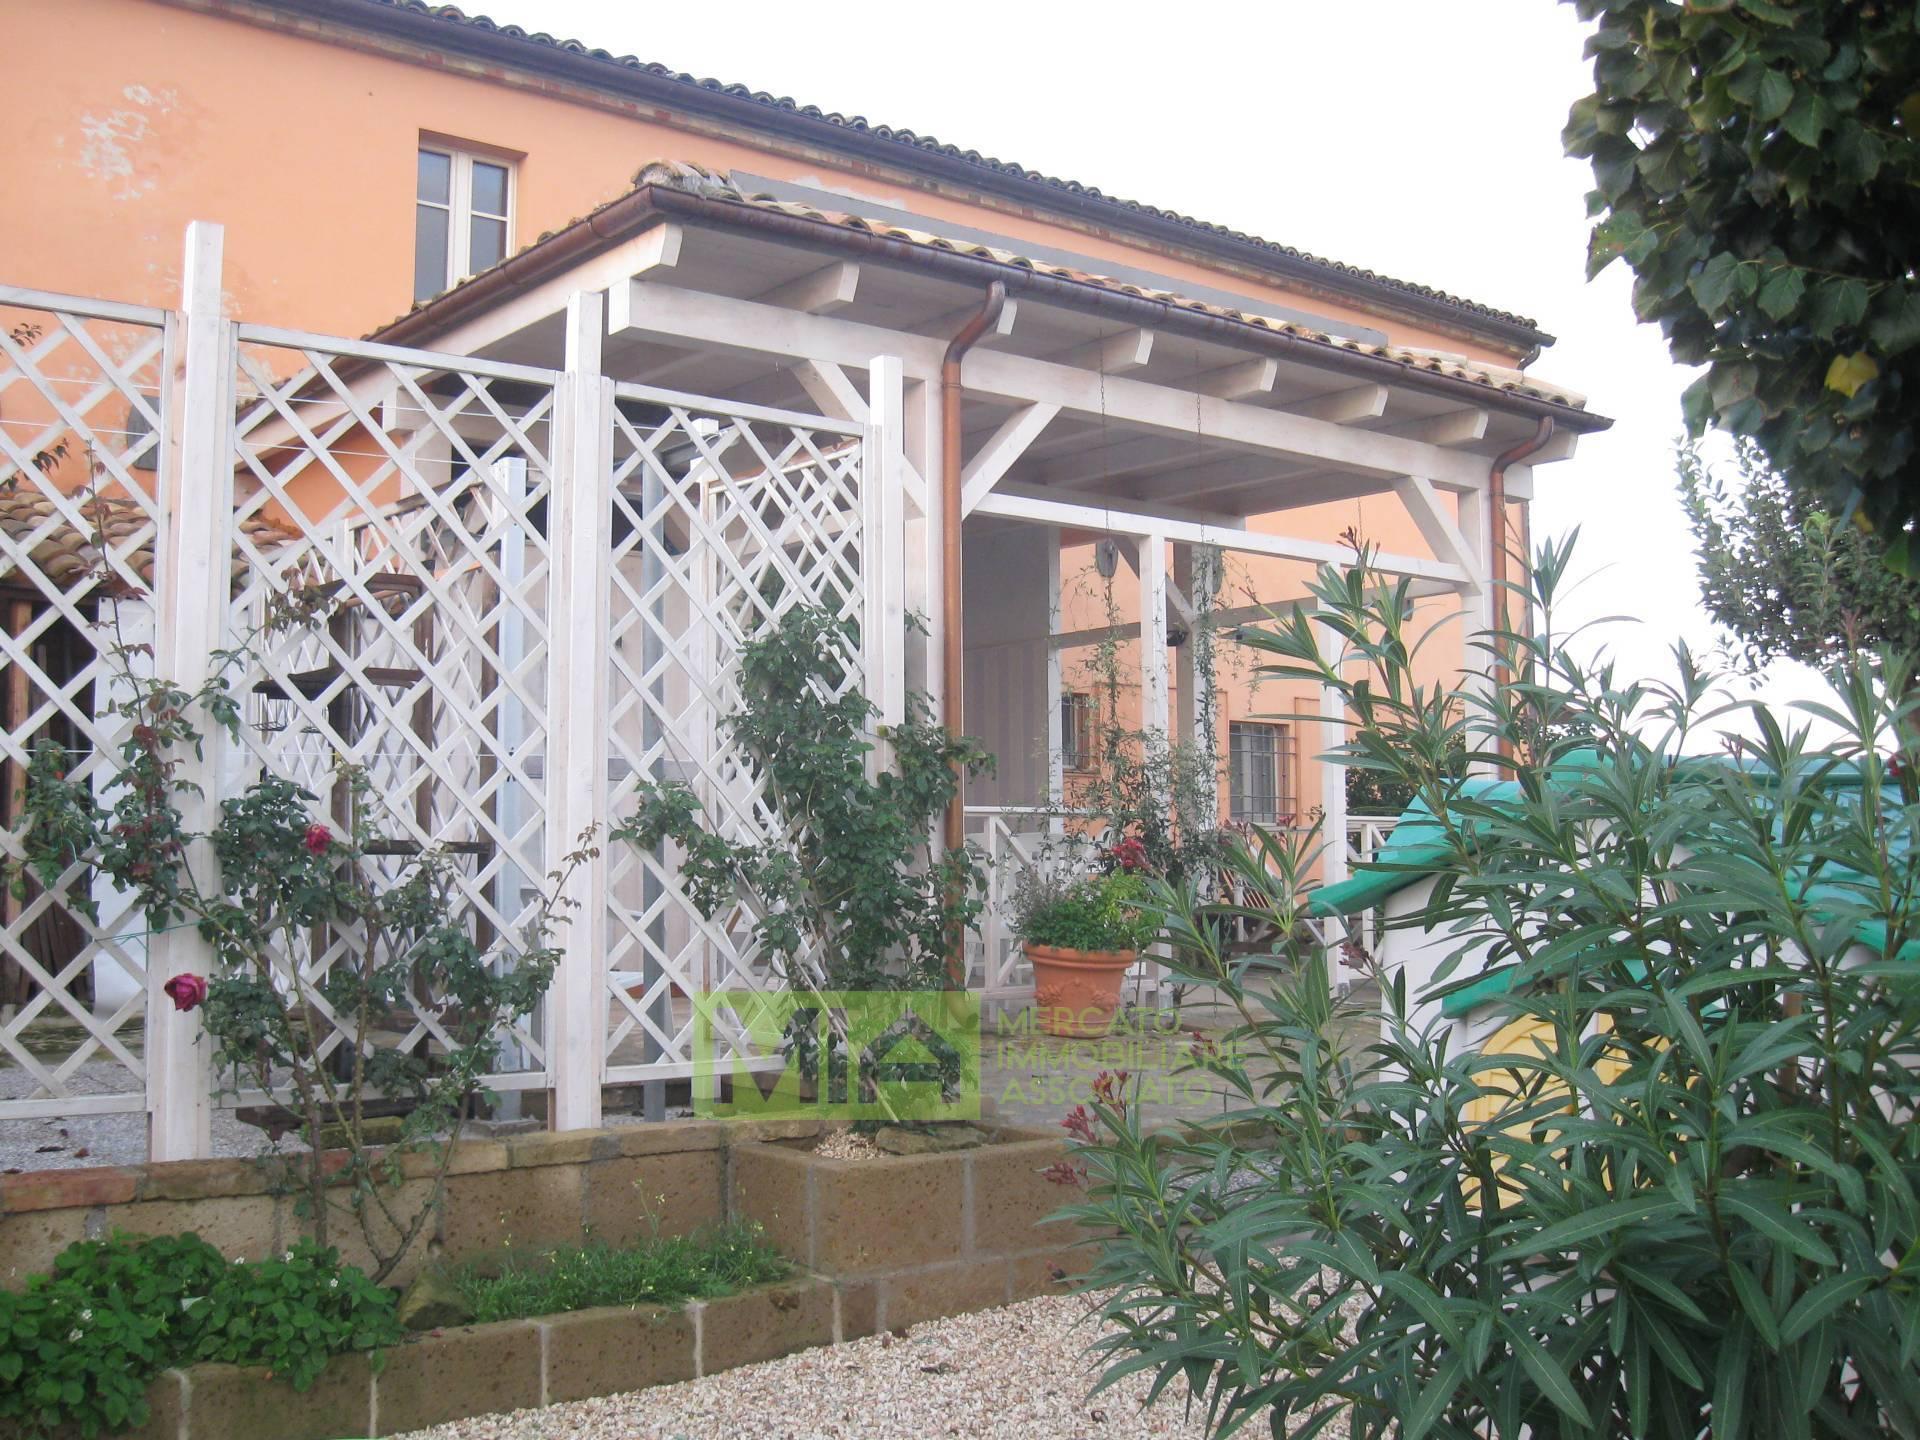 Appartamento in vendita a Potenza Picena, 9 locali, zona Località: CAMPAGNA, prezzo € 220.000 | CambioCasa.it